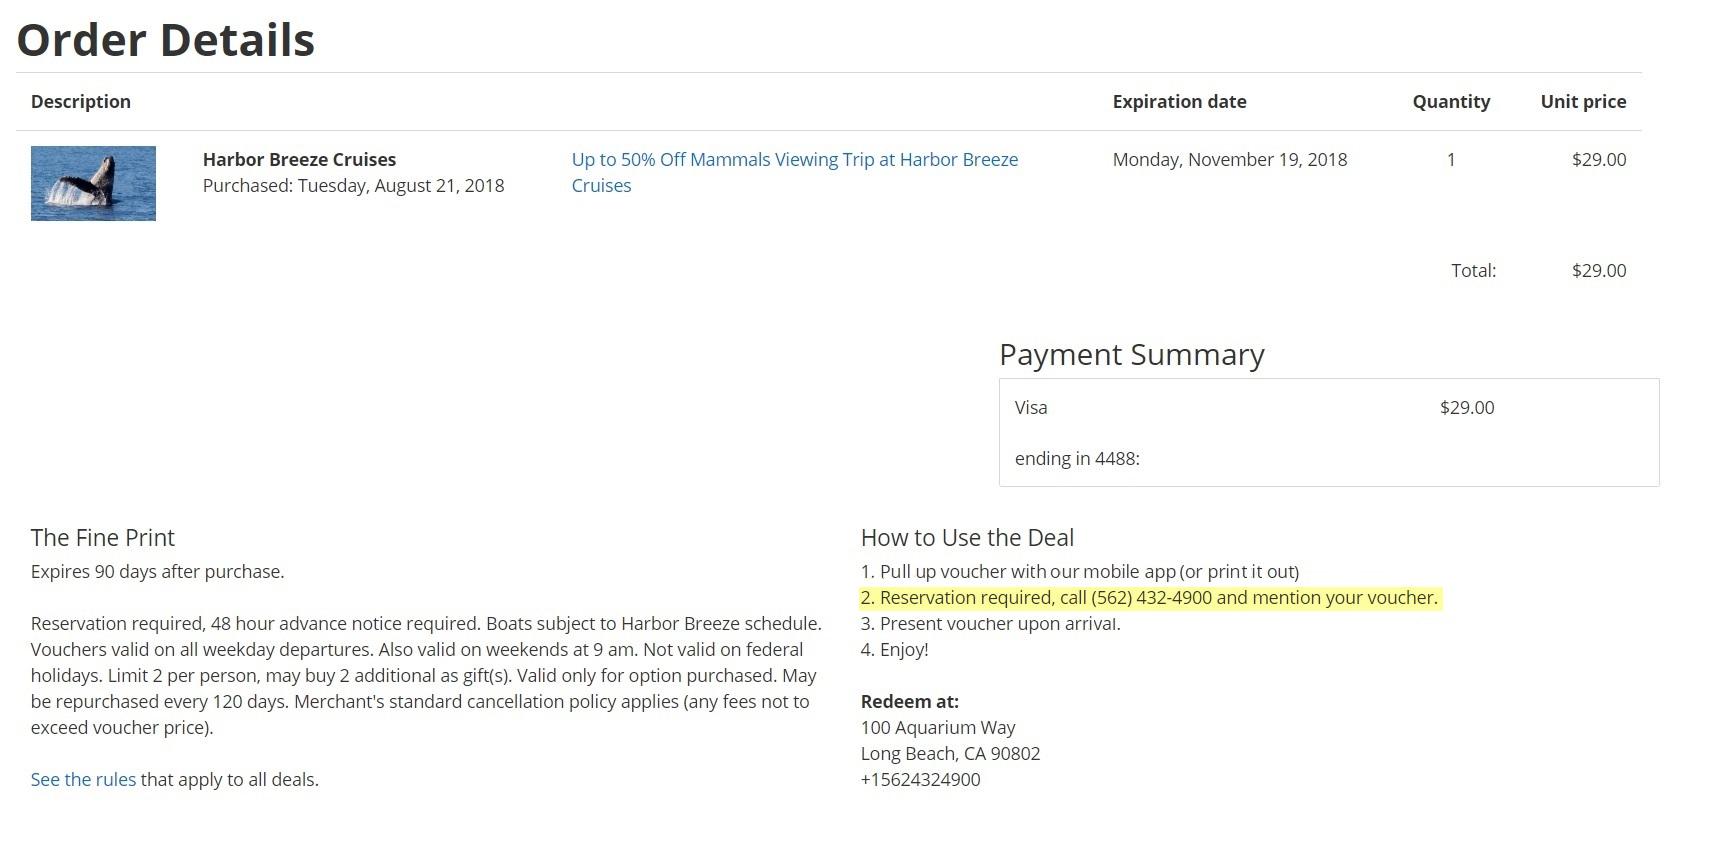 Я купила купон напоездку за29$. нем было написано, что нужно обязательно позвонить поуказанному номеру, чтобы зарегистрироваться наэкскурсию. Я нехотела звонить, поэтому написала им письмо ипопросила зарегистрировать меня беззвонка. Мне пошли навстречу